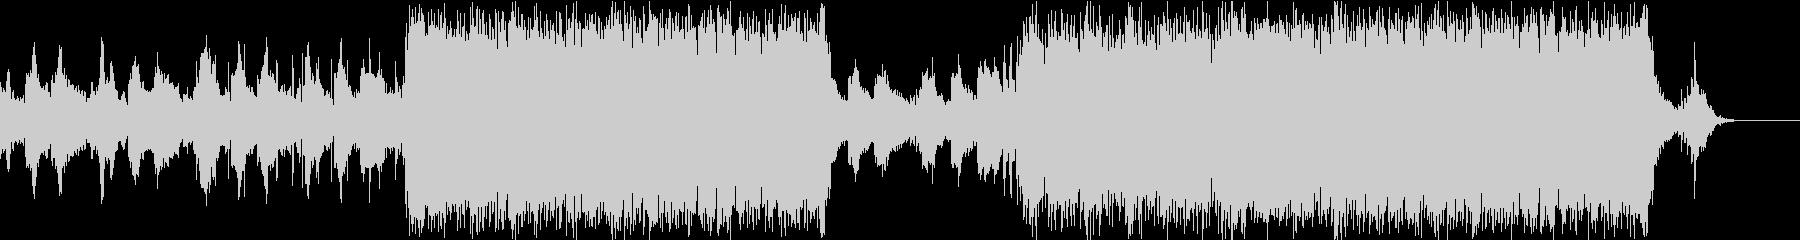 ハリウッド映画 ピアノ系トレーラーの未再生の波形